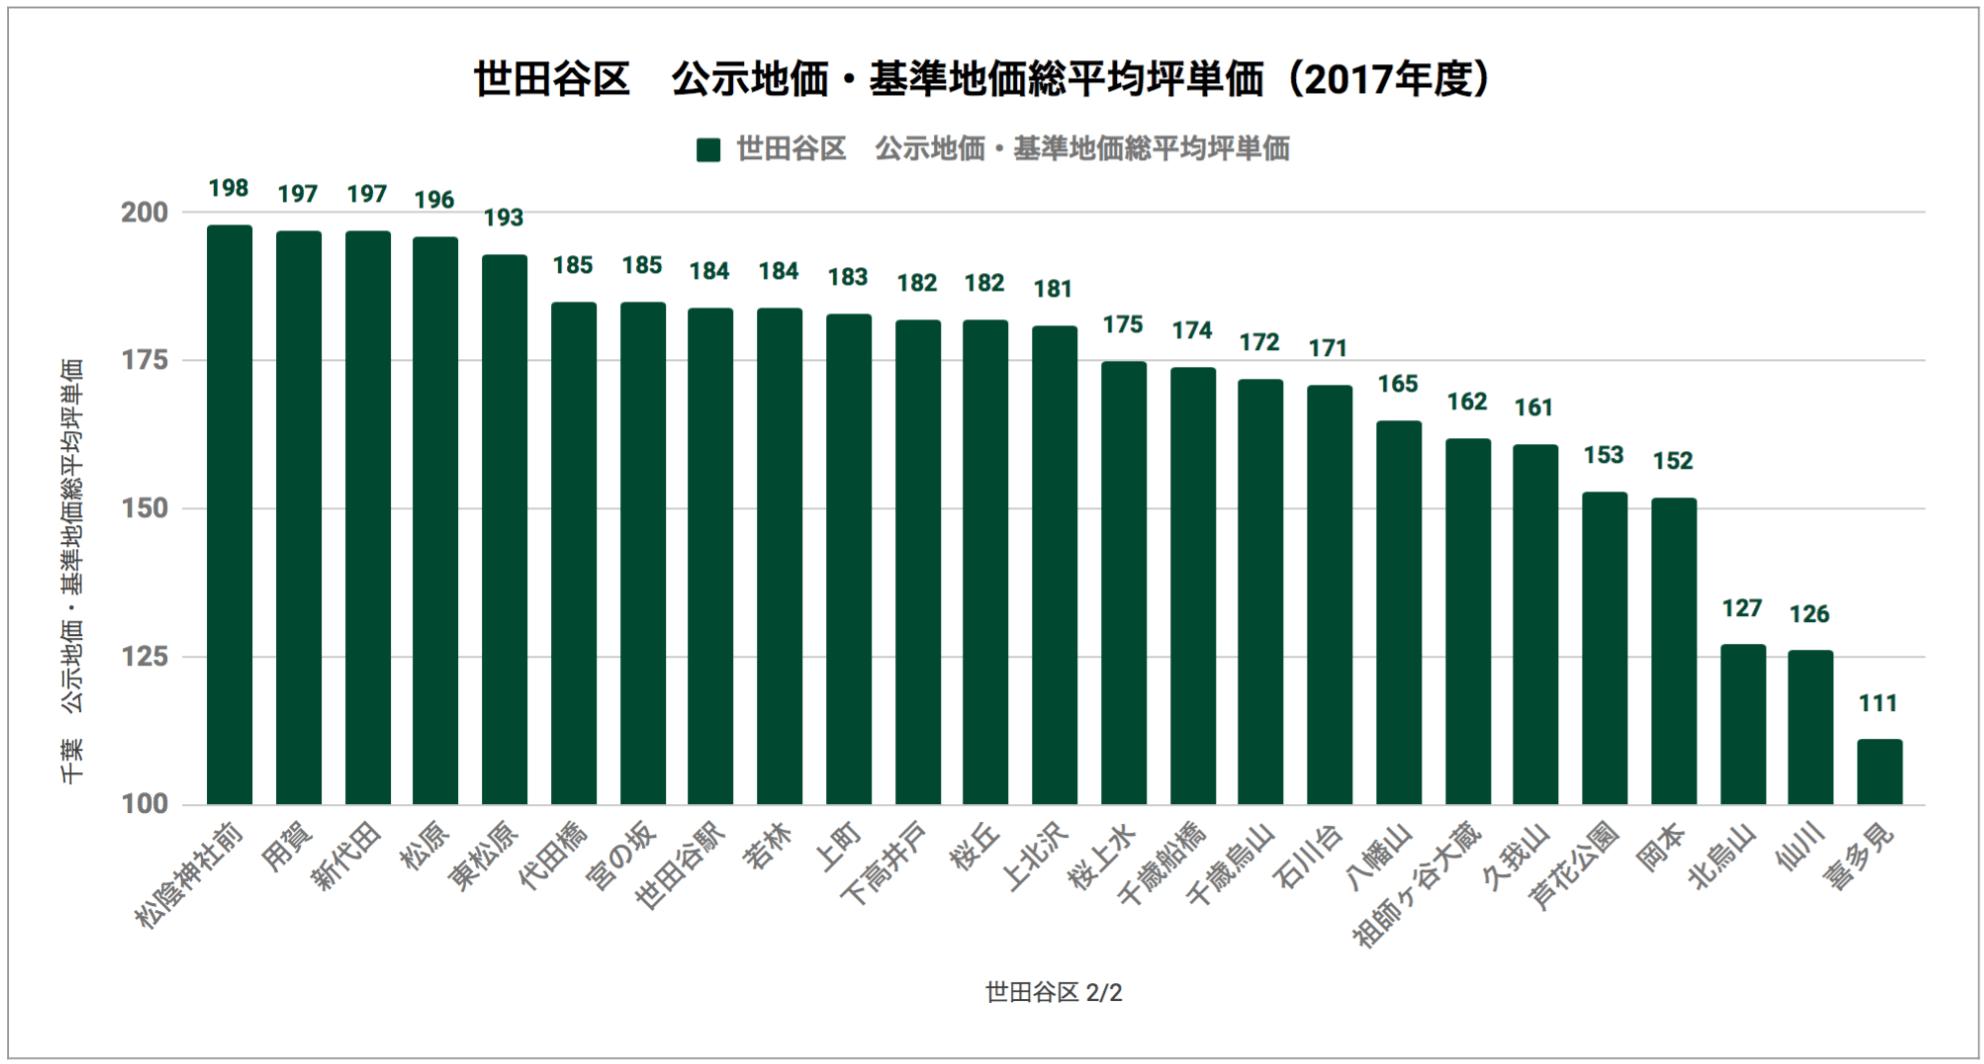 世田谷区「公示地価・基準地価総平均坪単価(2017年度)」